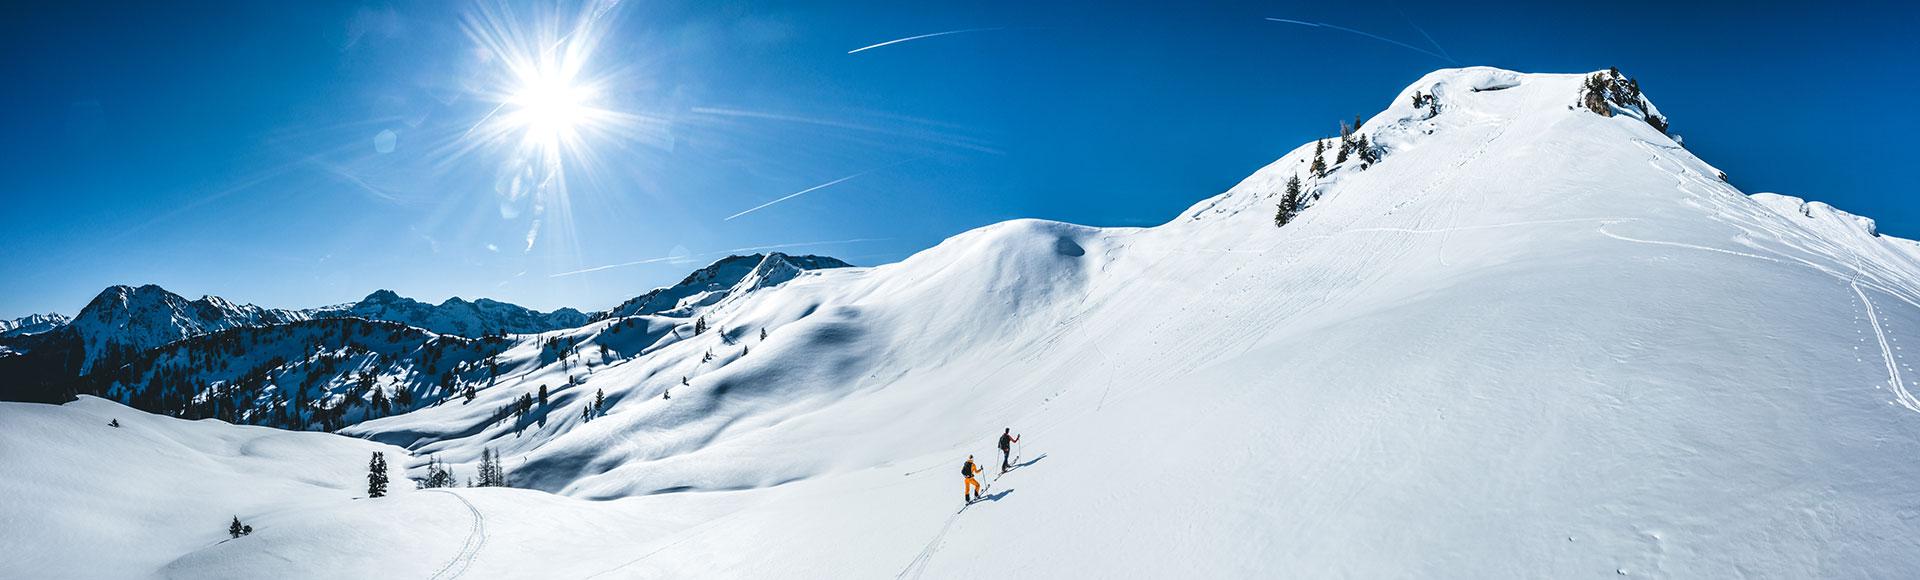 Impressionen Winterurlaub Wagrain Kleinarl Salzburg 1